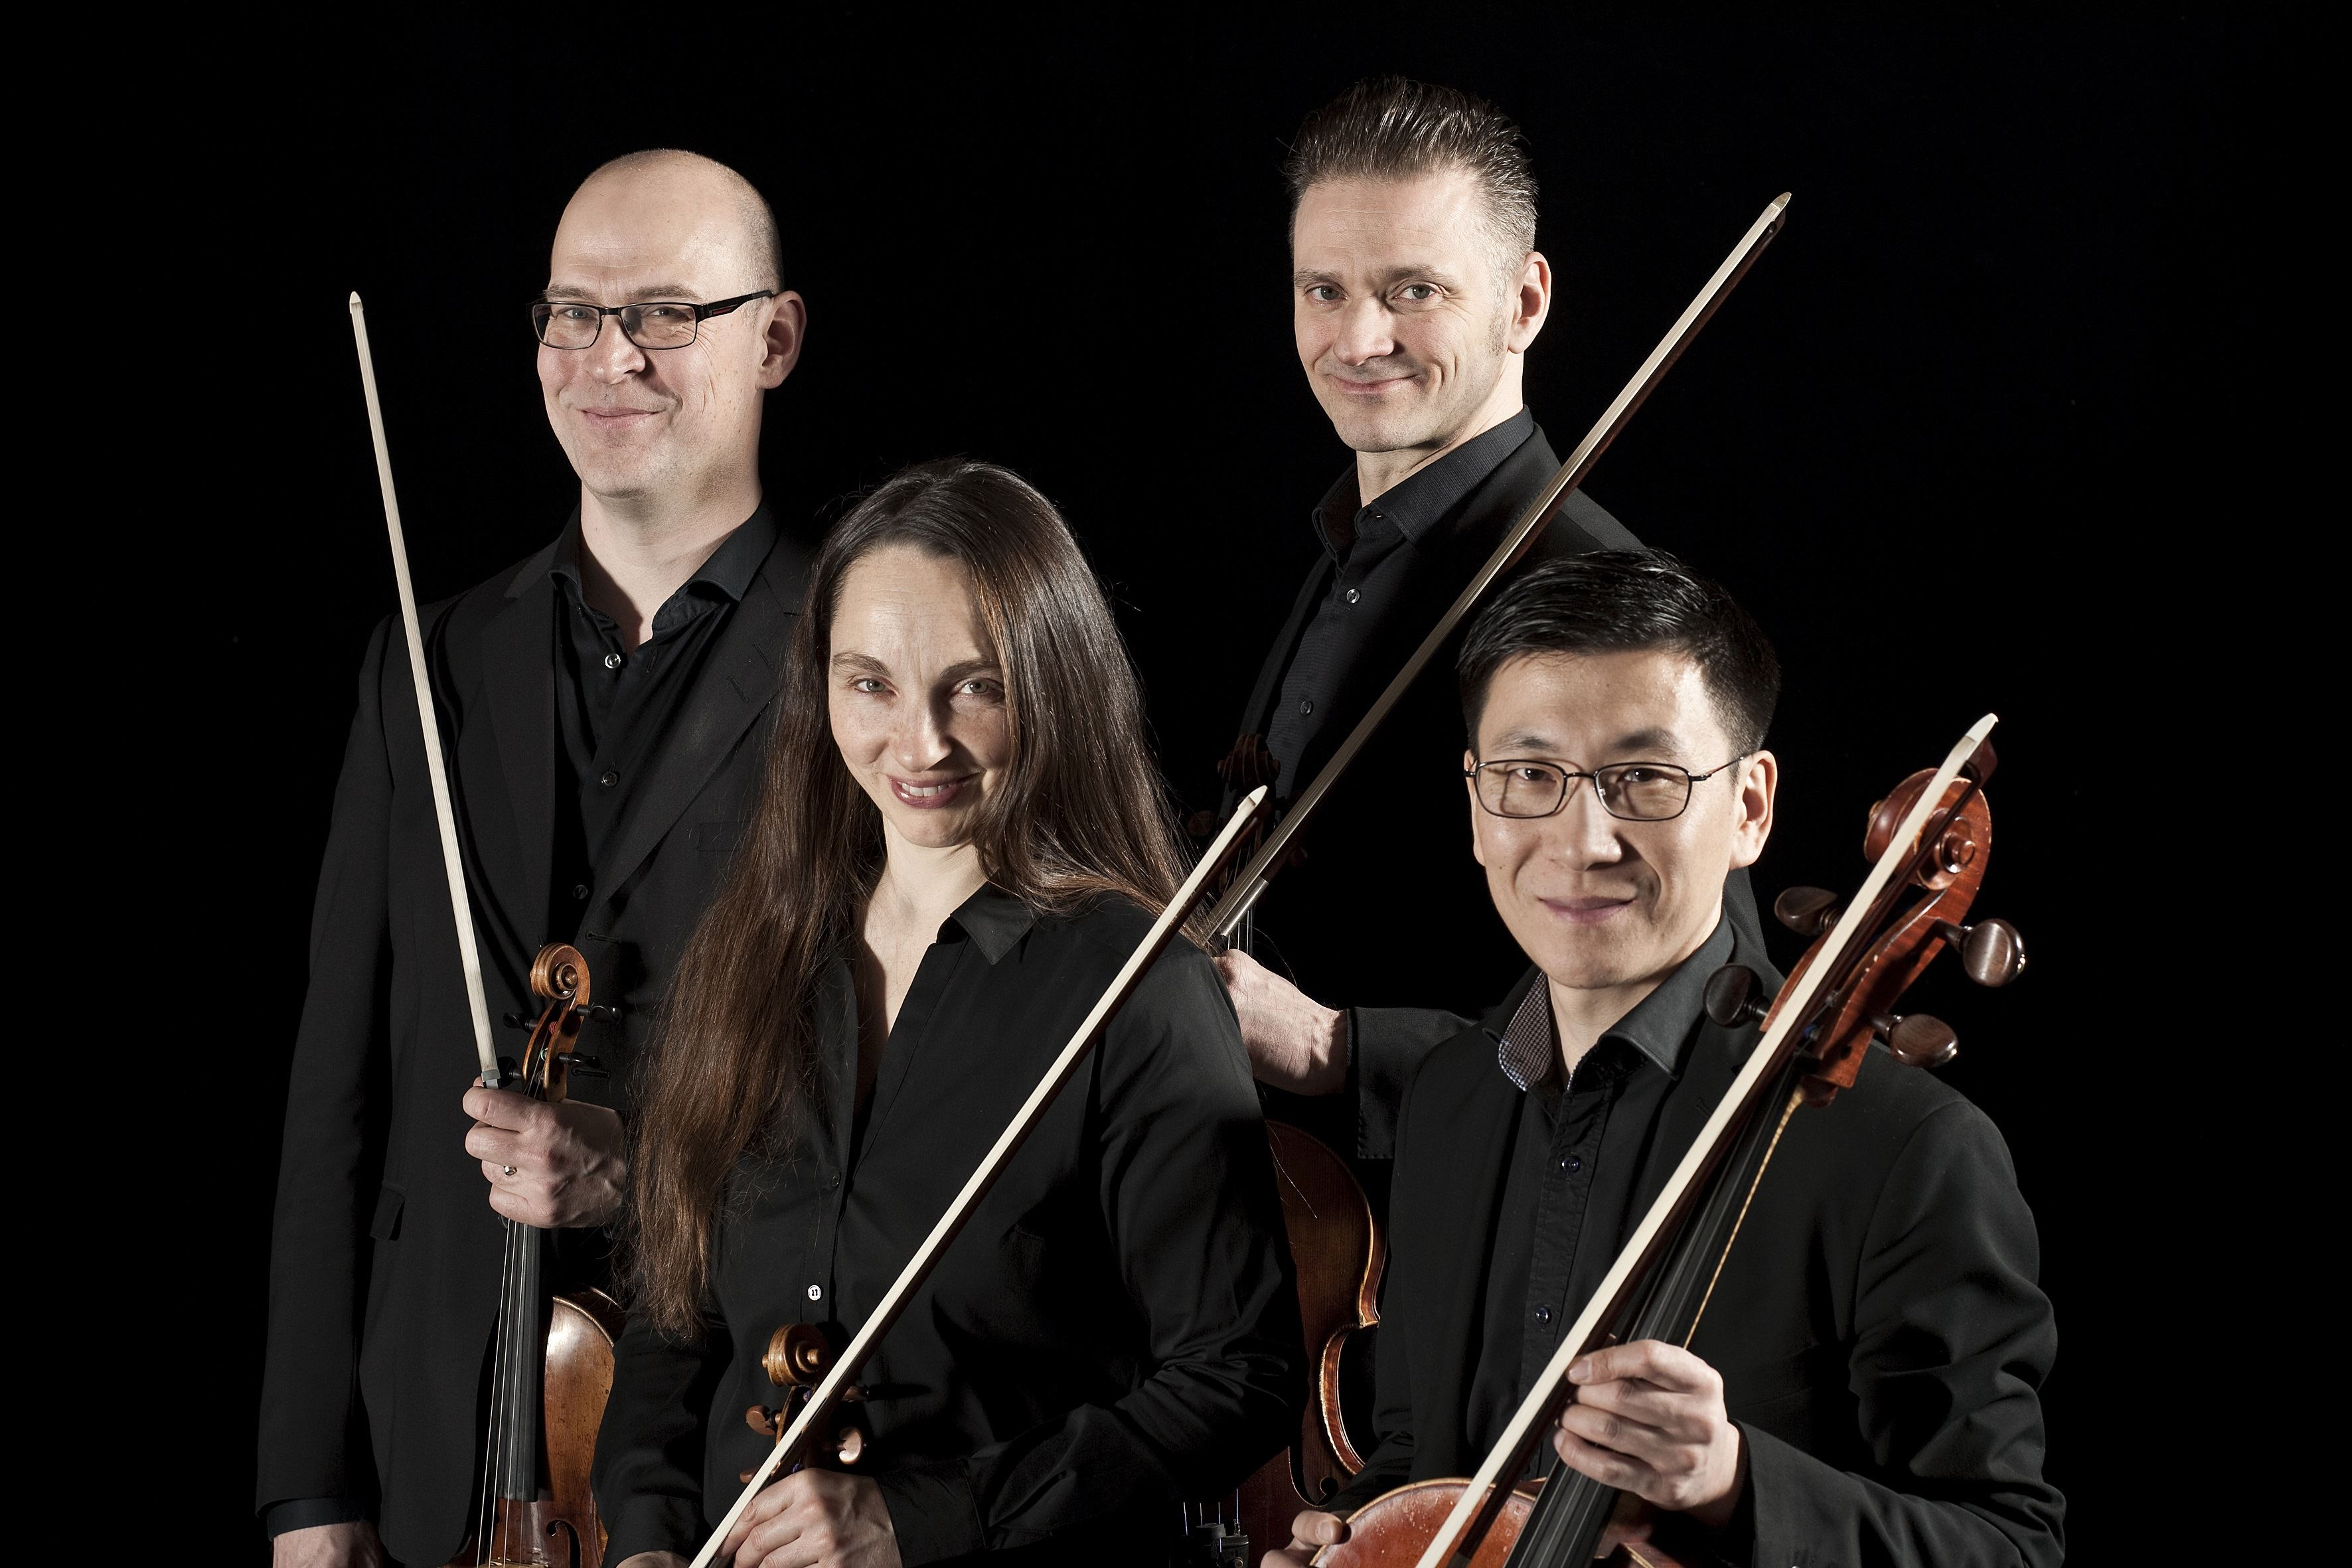 Boda Kammarmusikvecka - Weberkvartetten